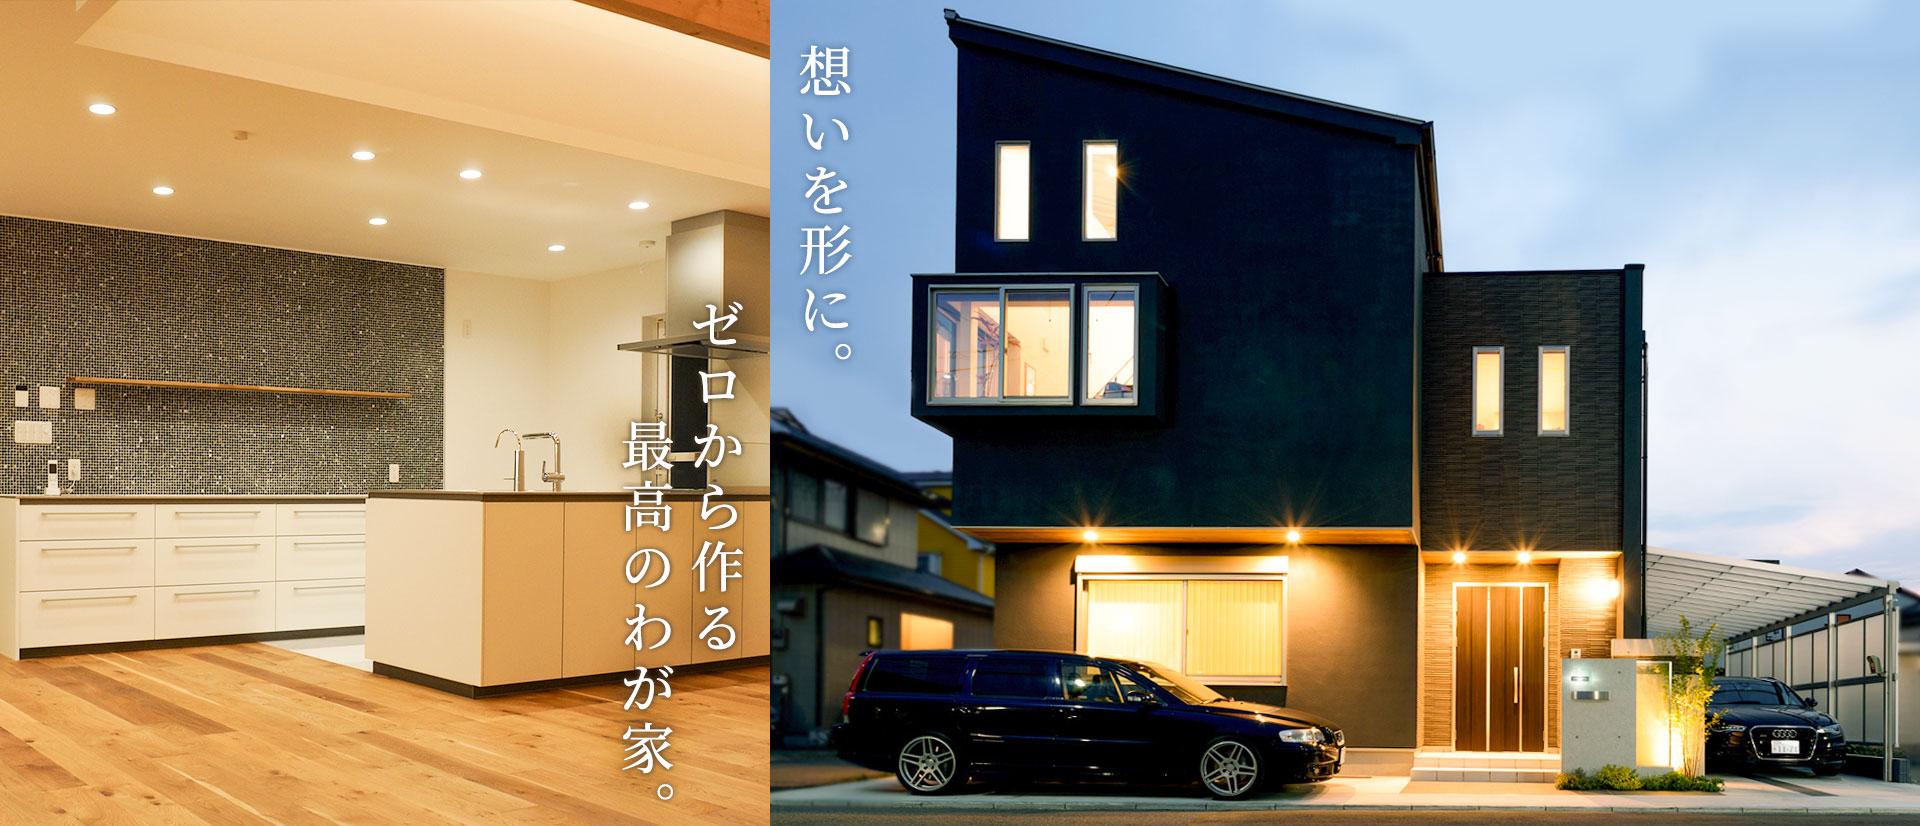 想いを形に。ゼロから作る最高のわが家。